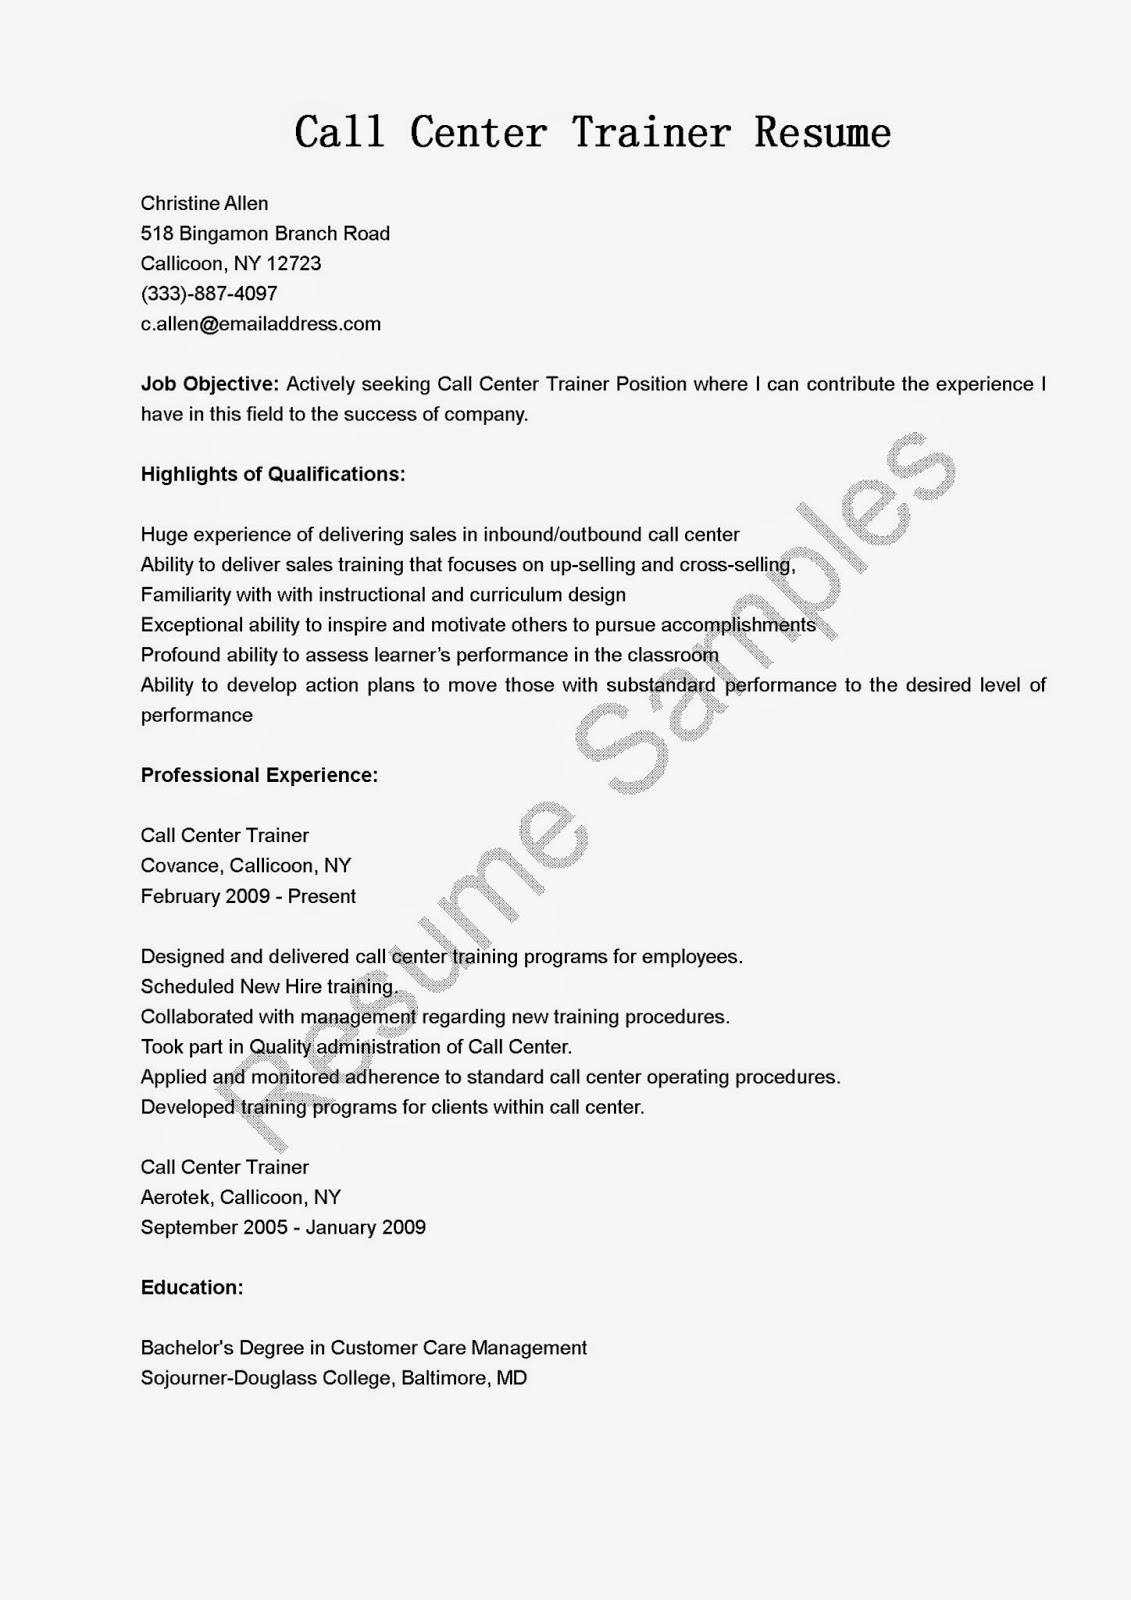 Resume Samples Call Center Trainer Resume Sample